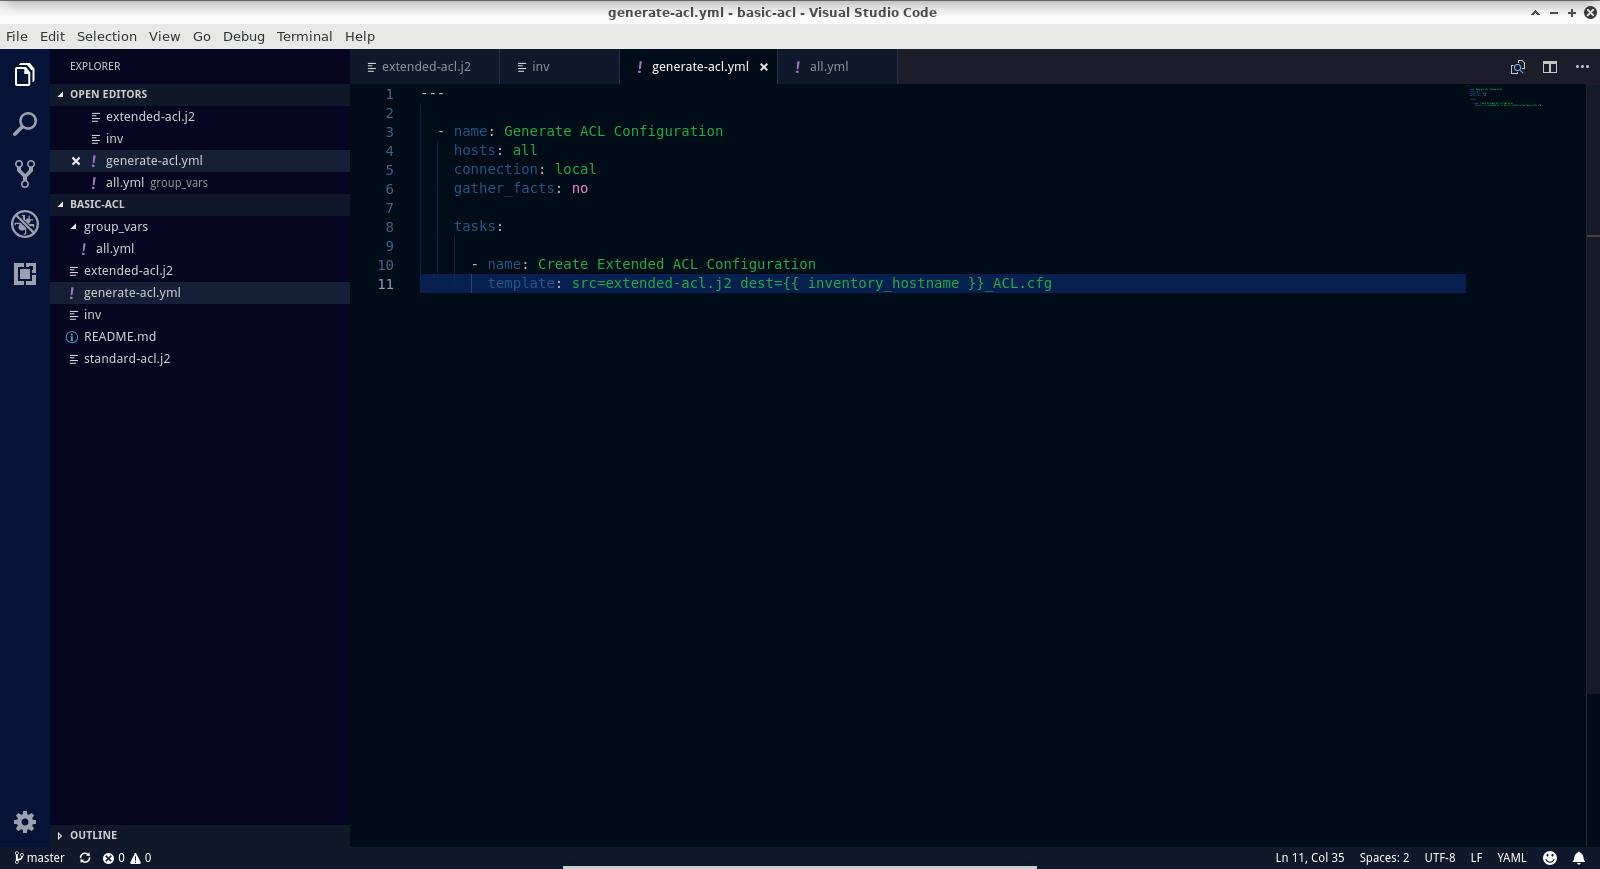 vscode_folderview.png